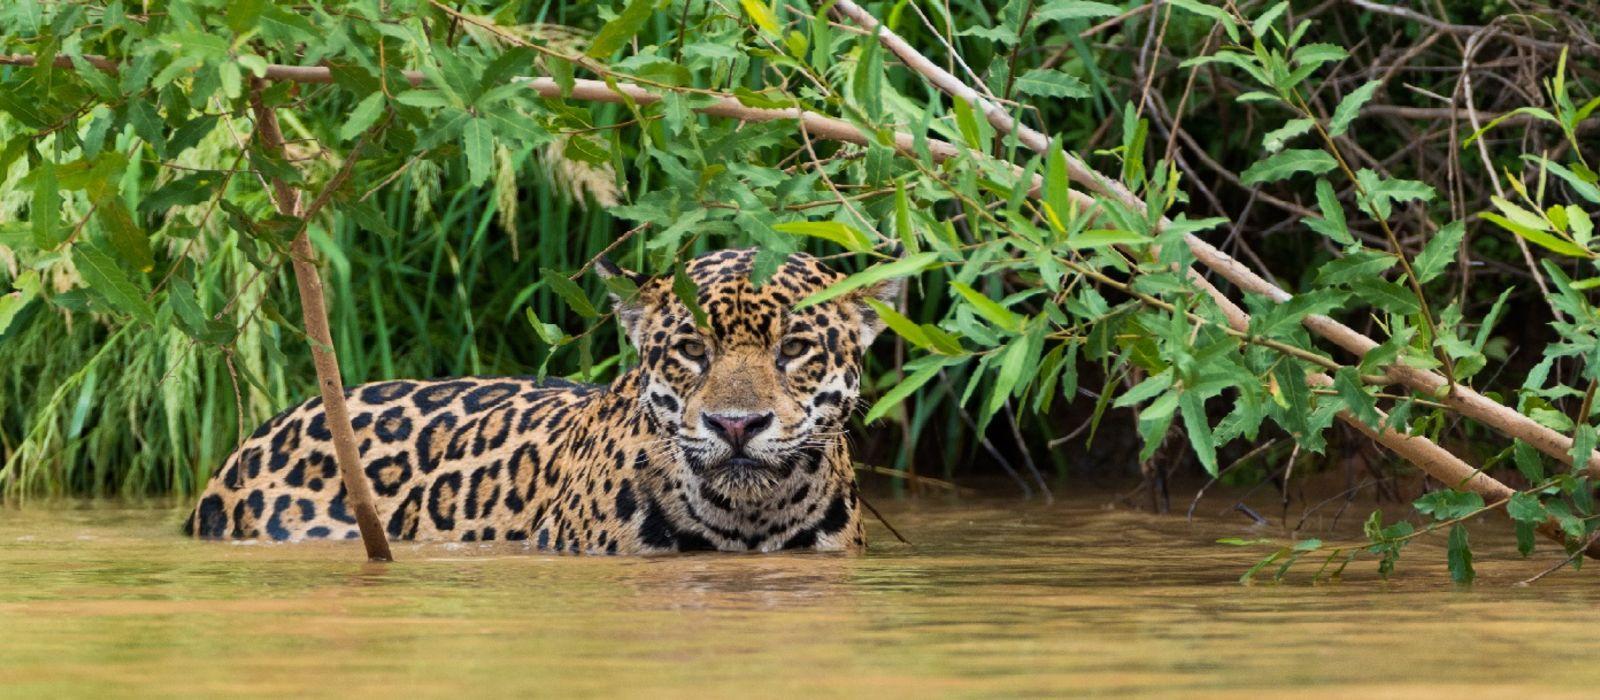 Amazon Rainforest and Beaches of Brazil Tour Trip 5